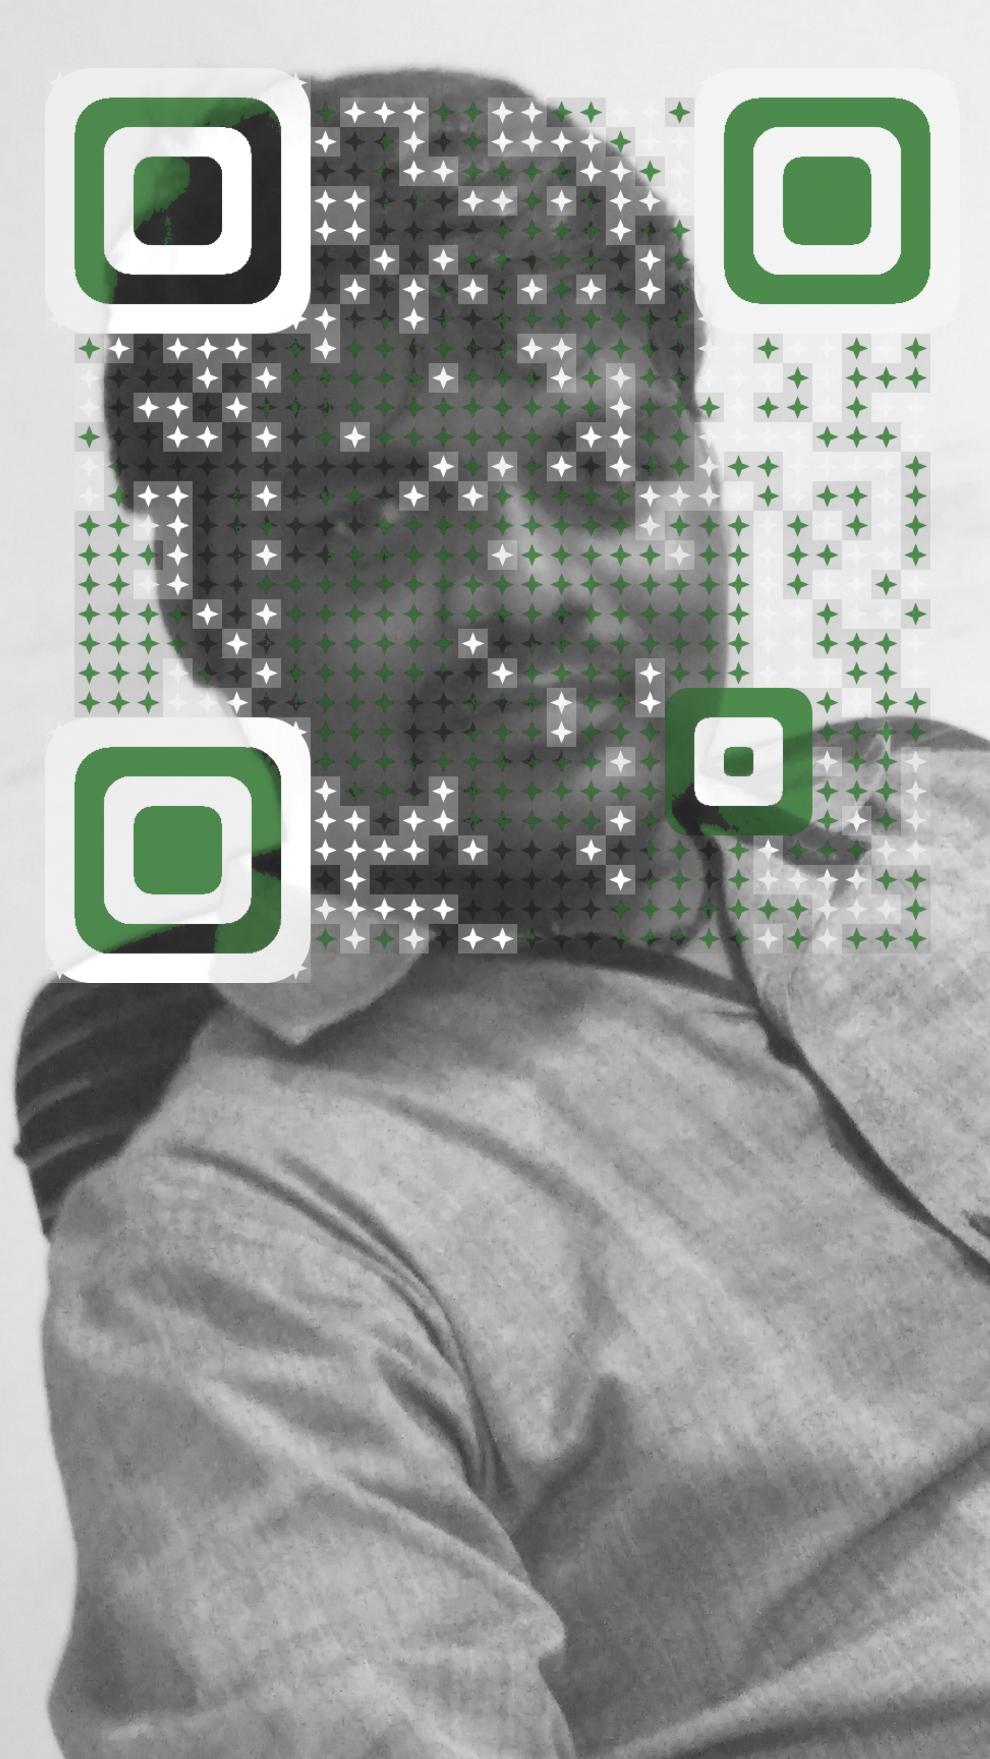 శ్రీకాంత్ Facebook QR Code